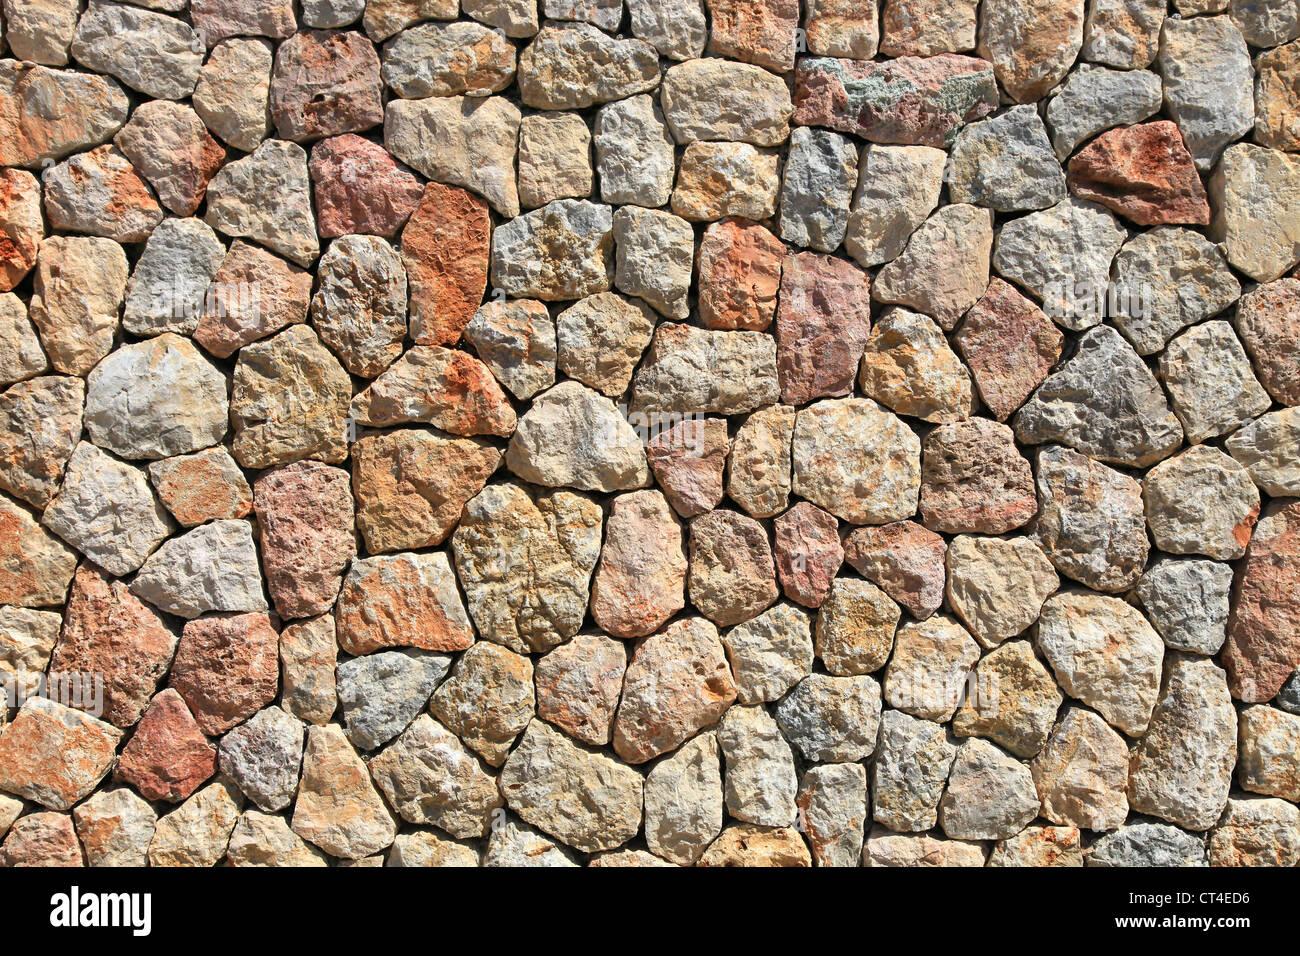 Immagine astratta di una luminosa parete di pietra, queste immagini sono perfette per il grande texture e sfondi Immagini Stock